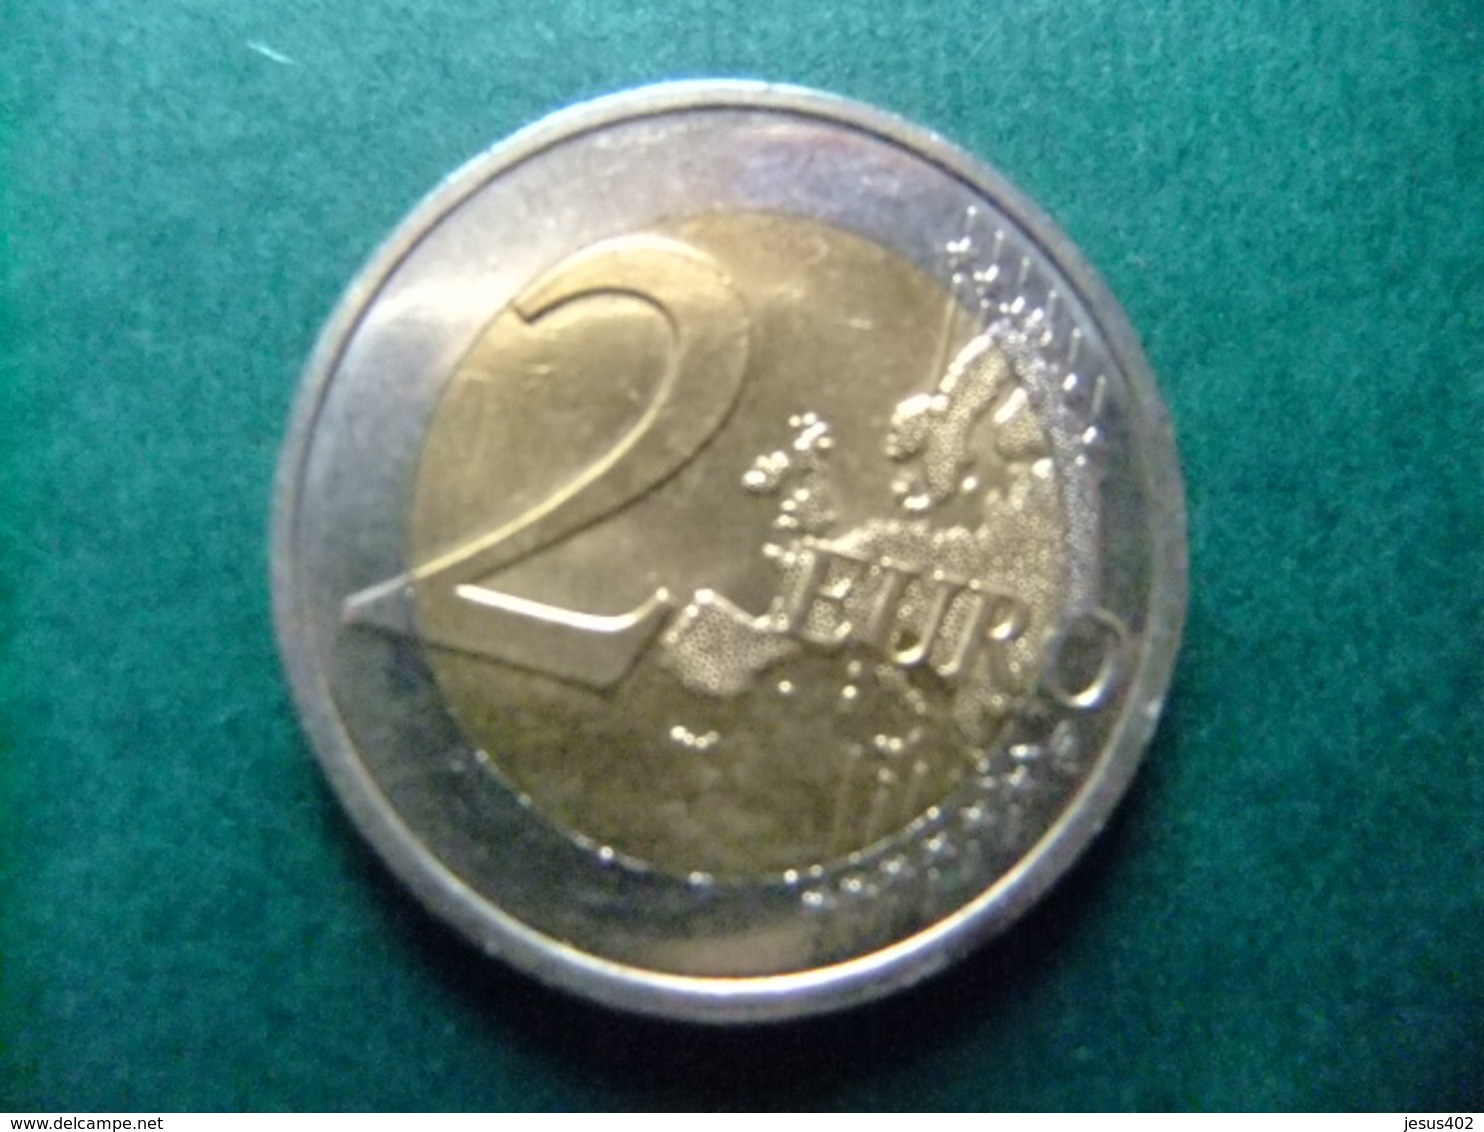 FRANCIA / FRANCE 2012 / EUROS /Aniversario Del Euro - Francia